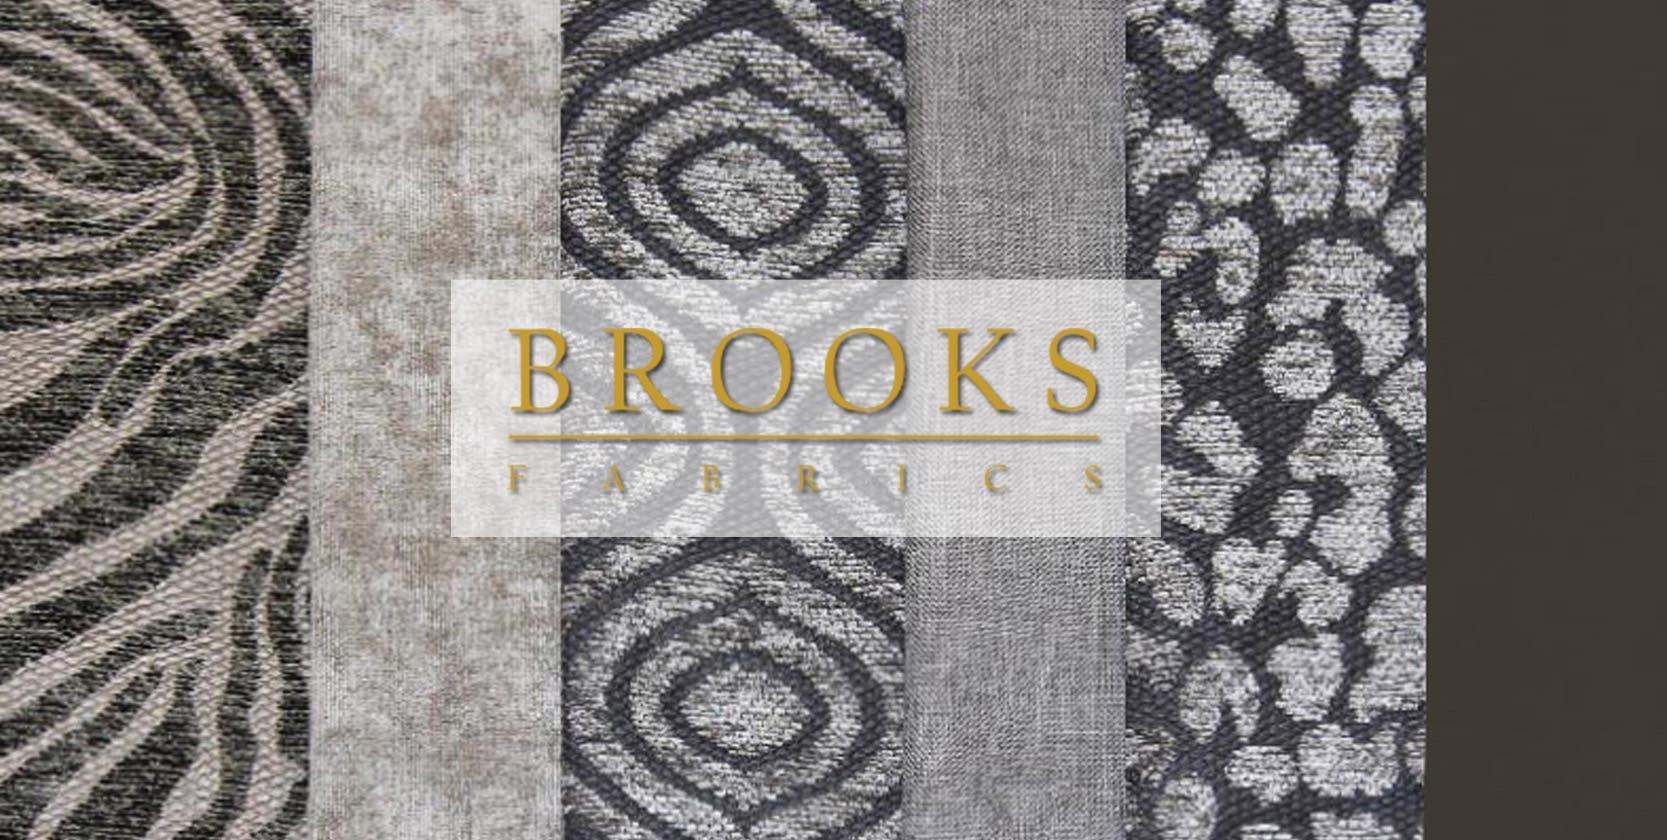 BROOKS FABRICS